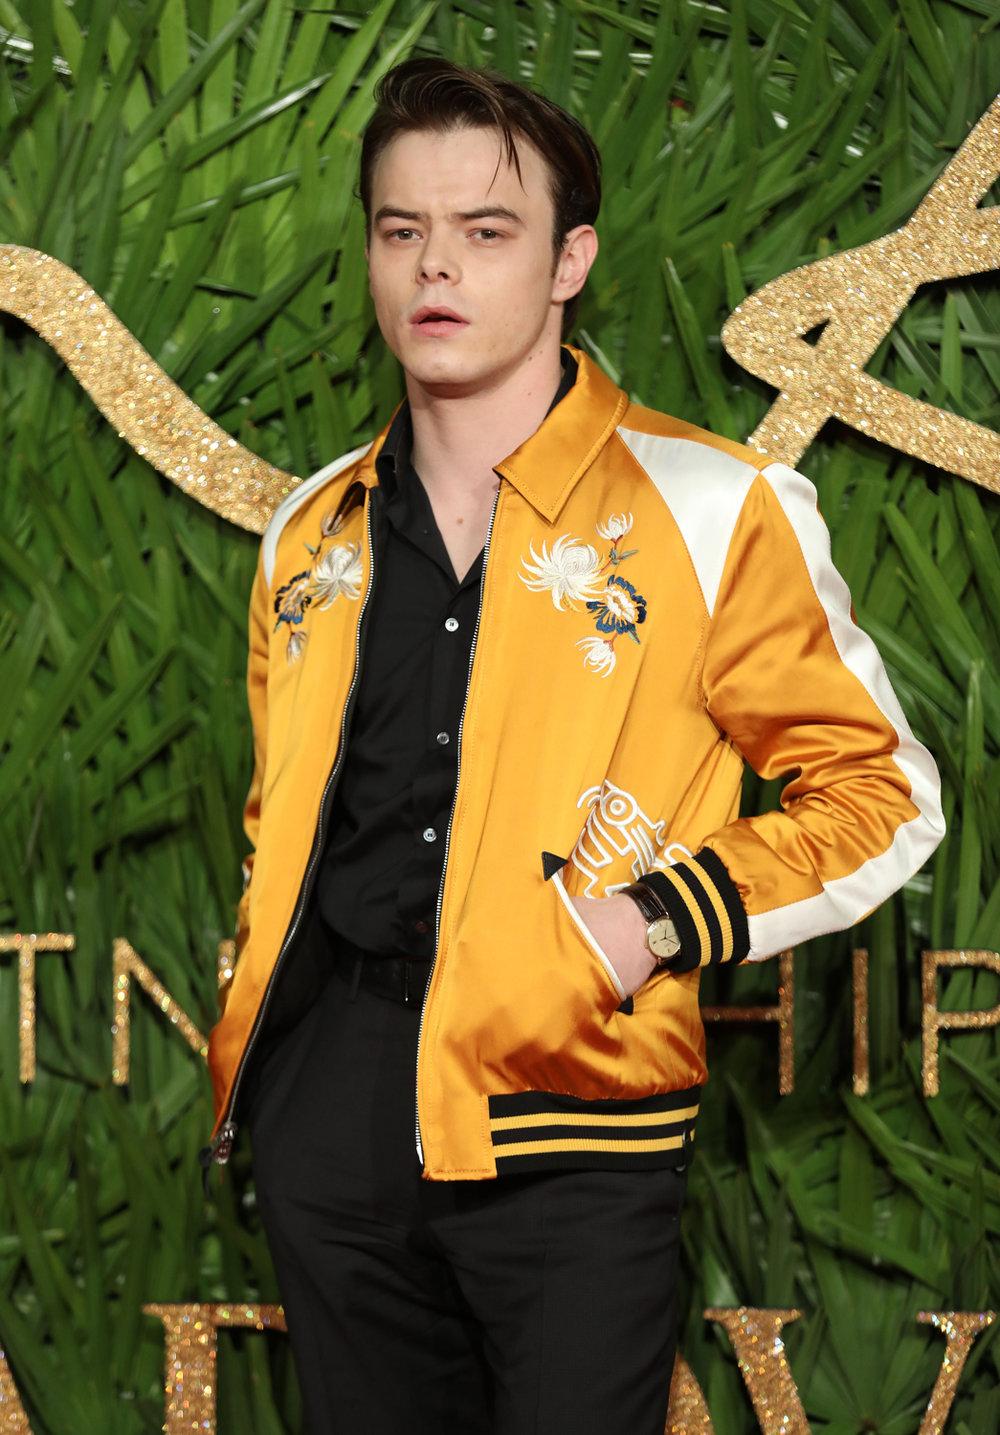 PHT_B5327_fashion_awards_15779.JPG